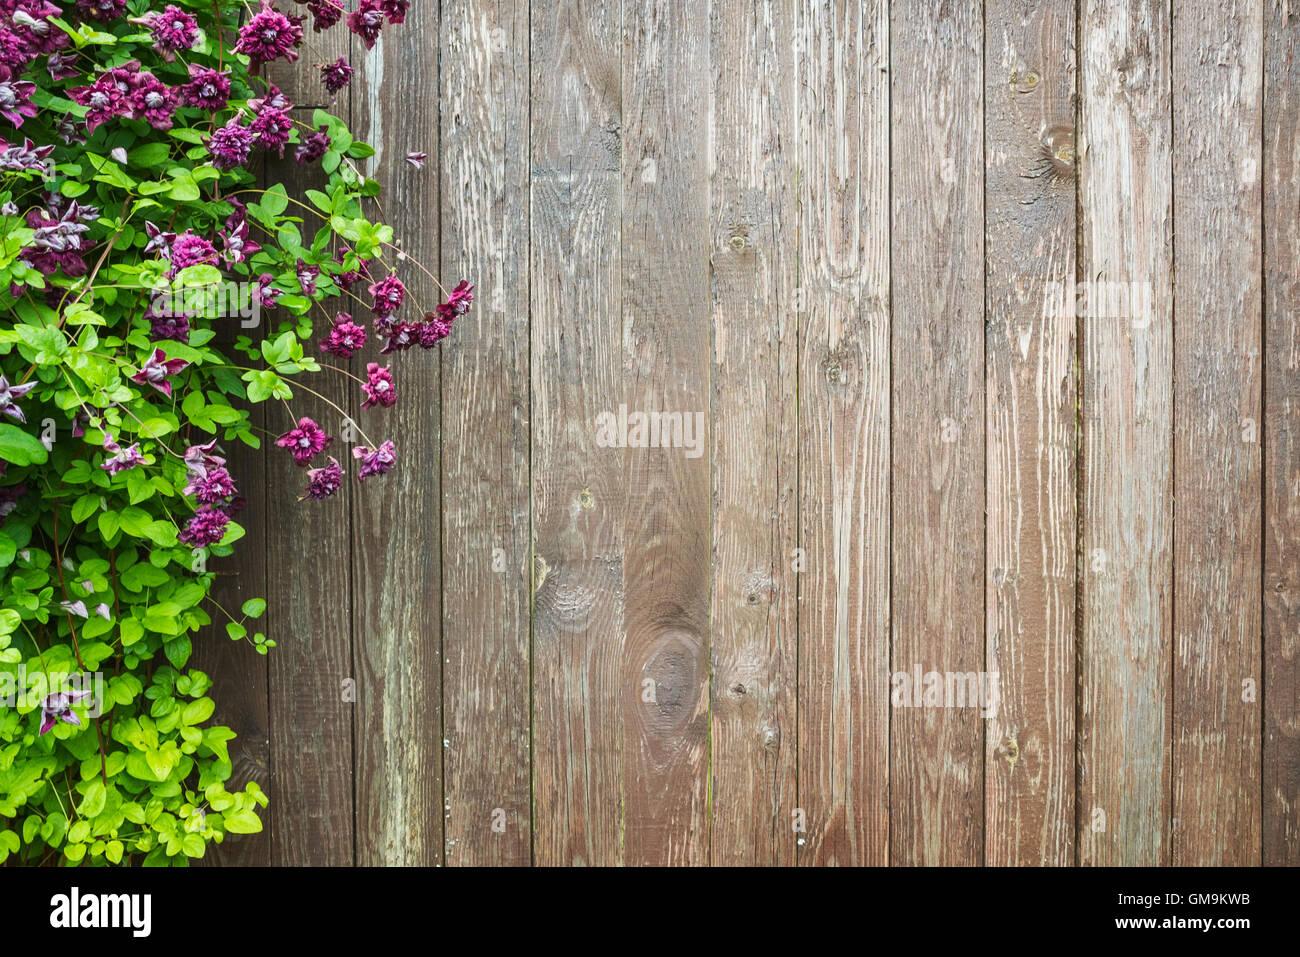 Pareti in legno con fiori decorativi. giardino estivo foto di sfondo